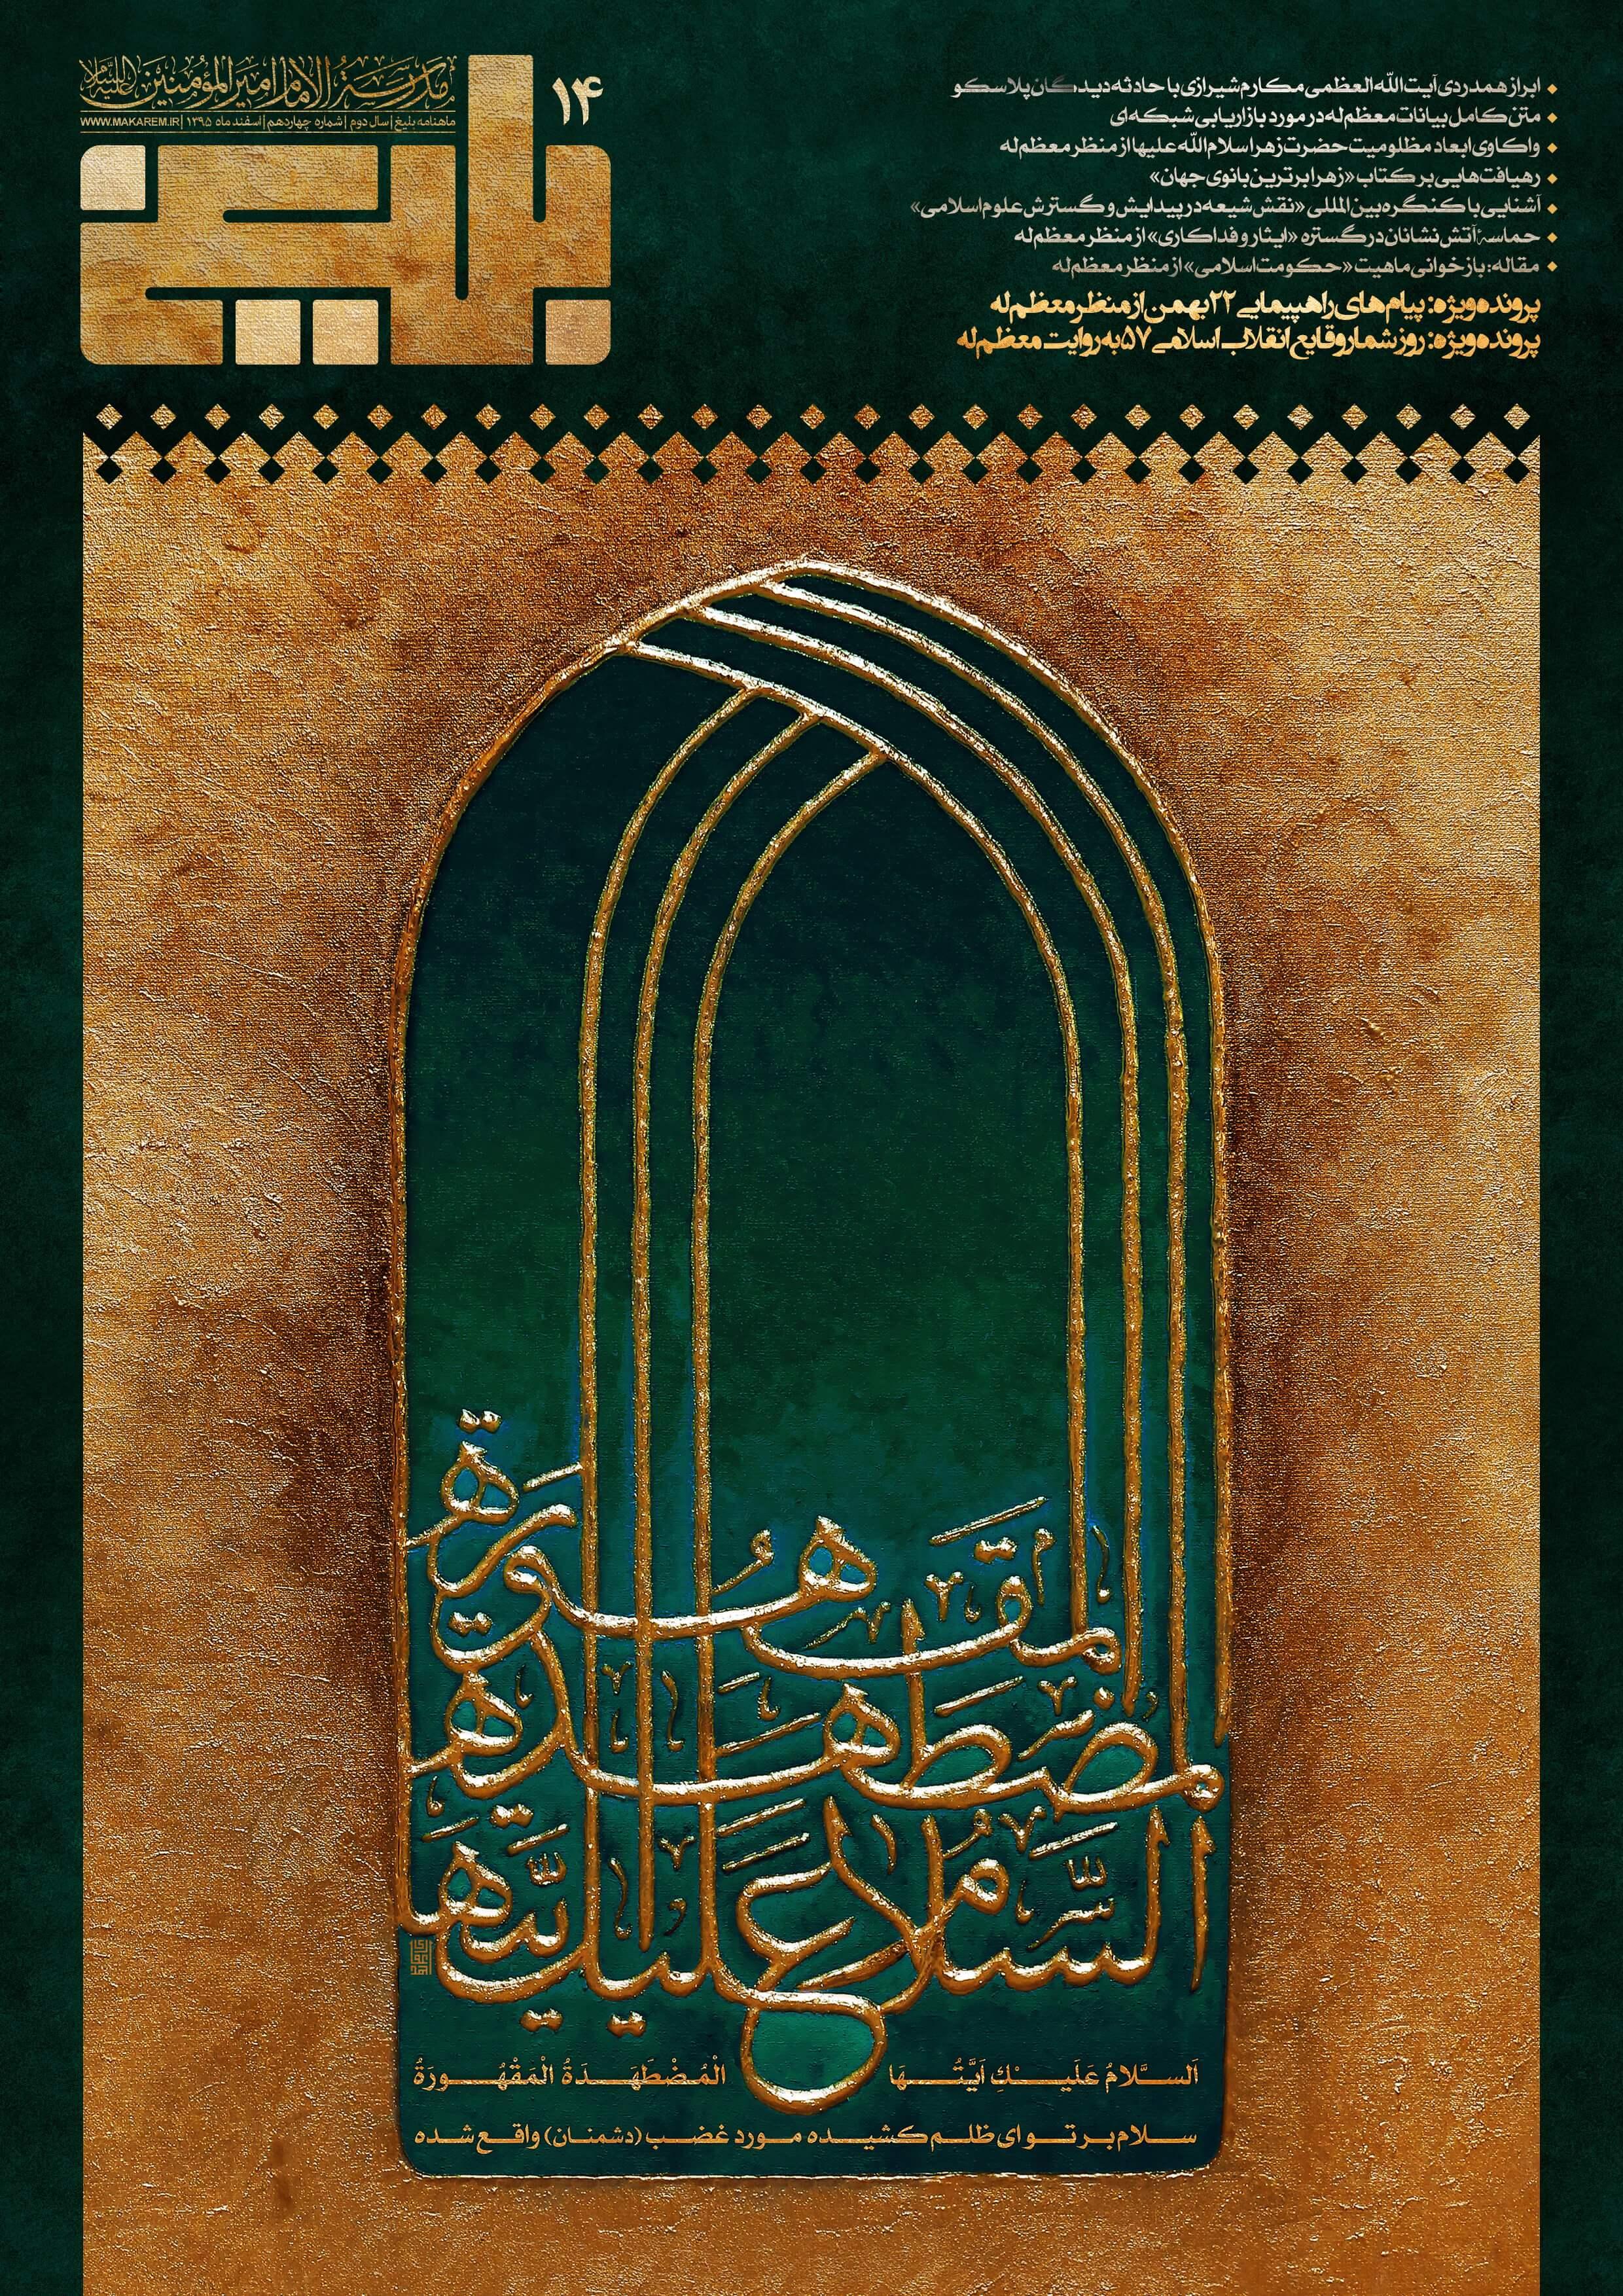 چهاردهمین شماره (اسفند 95) ماهنامه الکترونیکی خبری - تحلیلی بلیغ -مدرسه الامام امیر المومنین (ع)